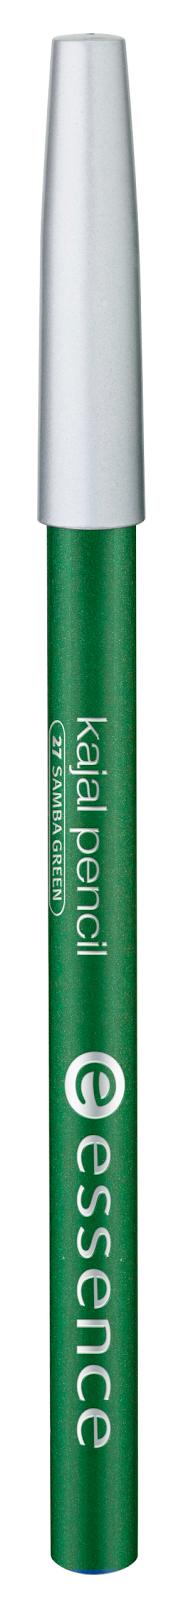 nuove matite essence